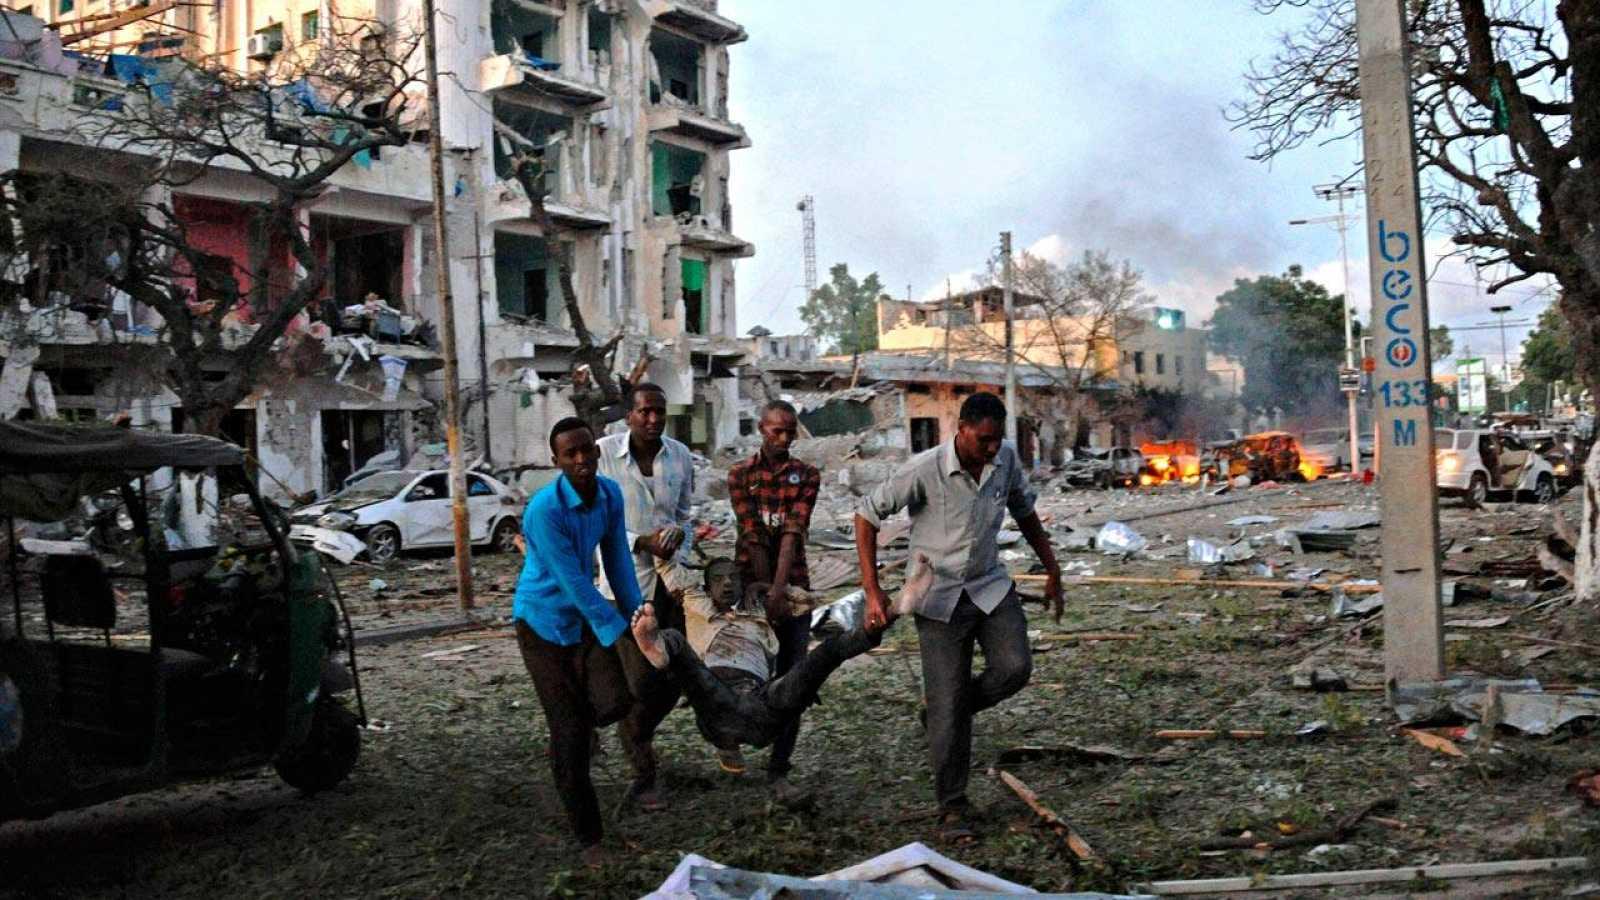 Un herido es evacuado de las cercanías del hotel Amabassador, en el centro de Mogadiscio, tras el atentado yihadista